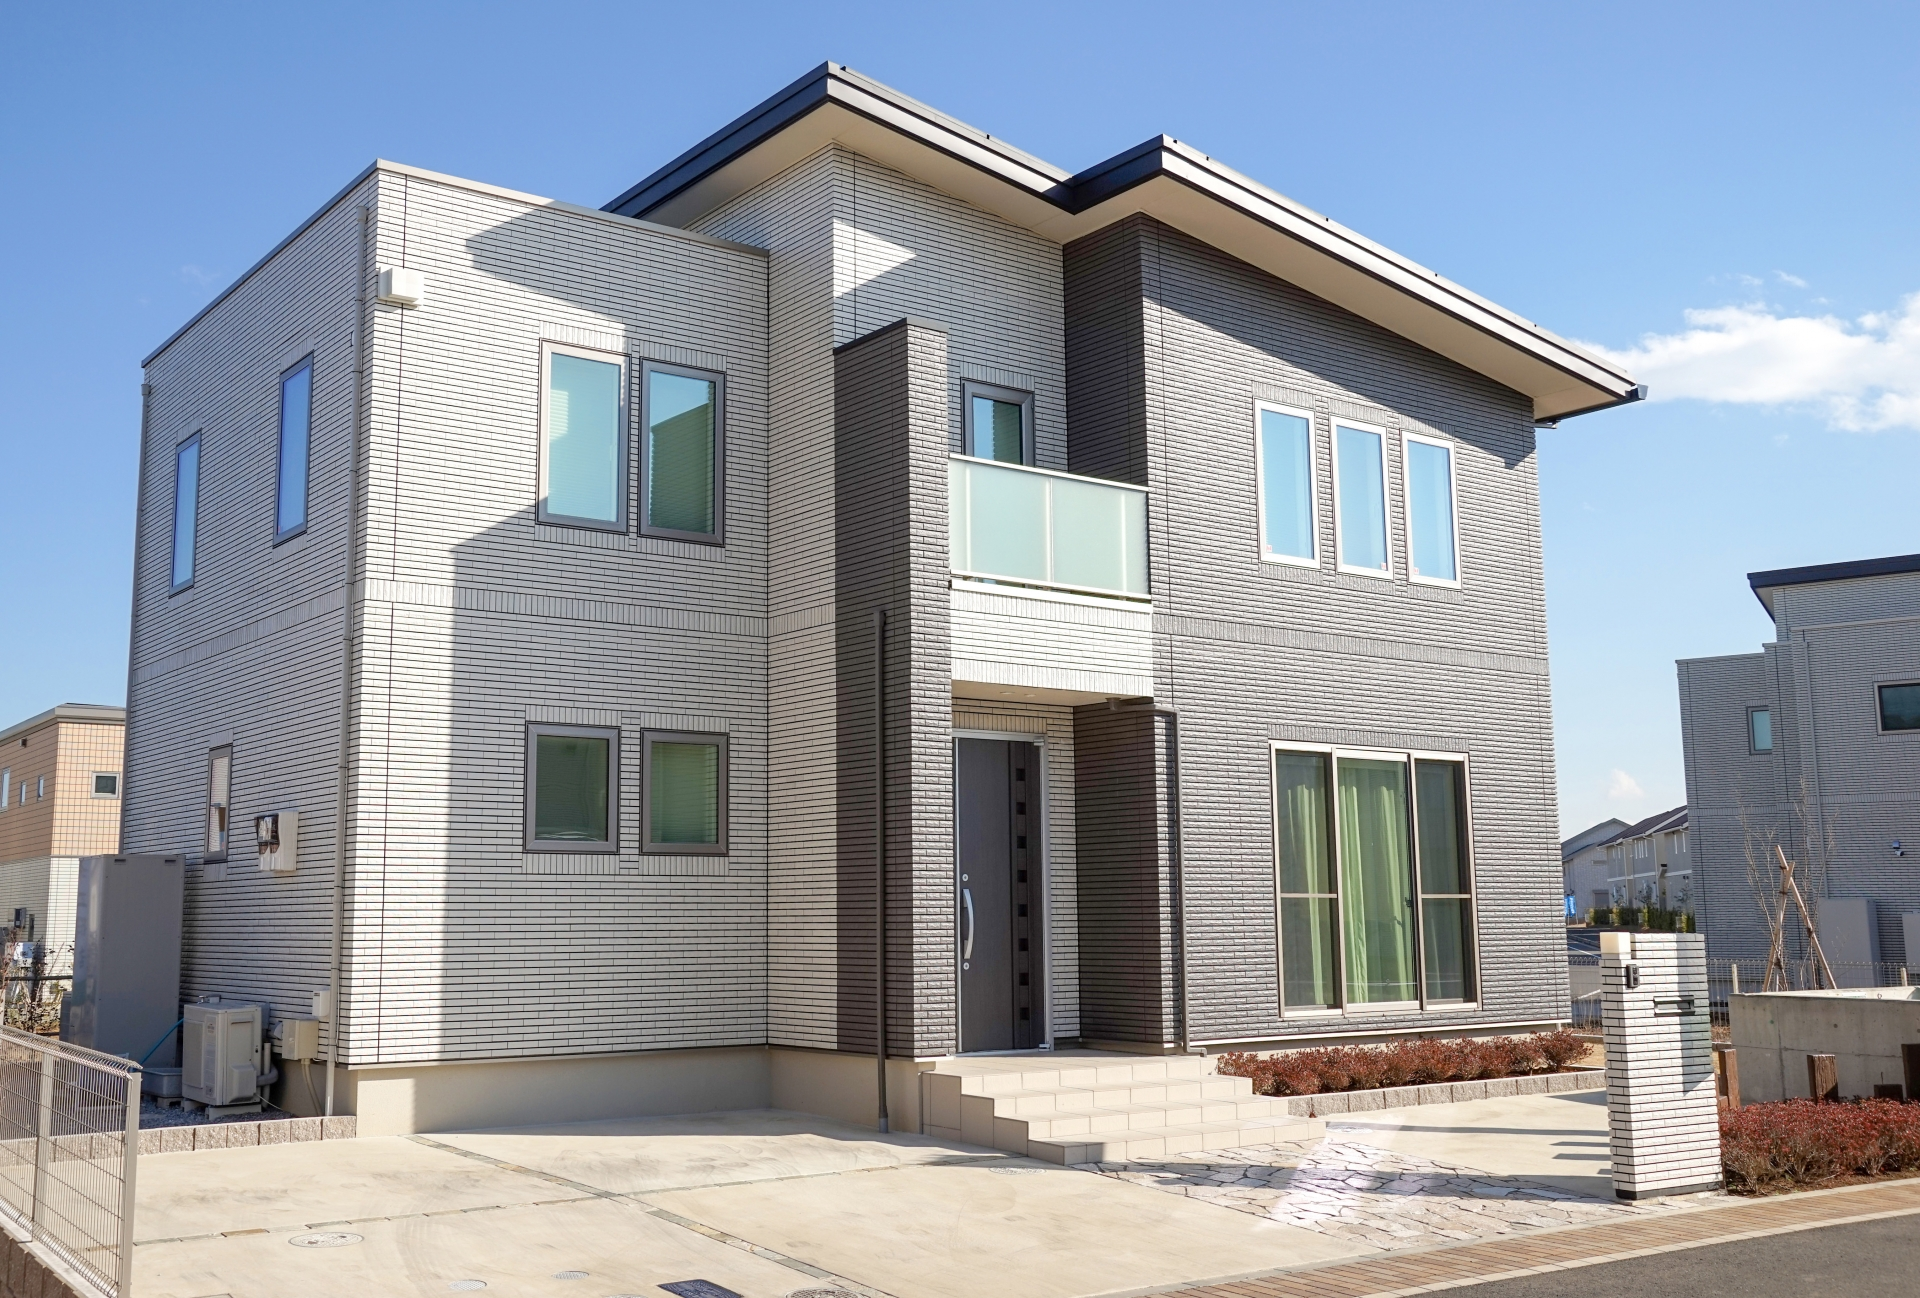 住宅新築は人手不足による施工不良が増大する?欠陥住宅を防ぐための方法とは!